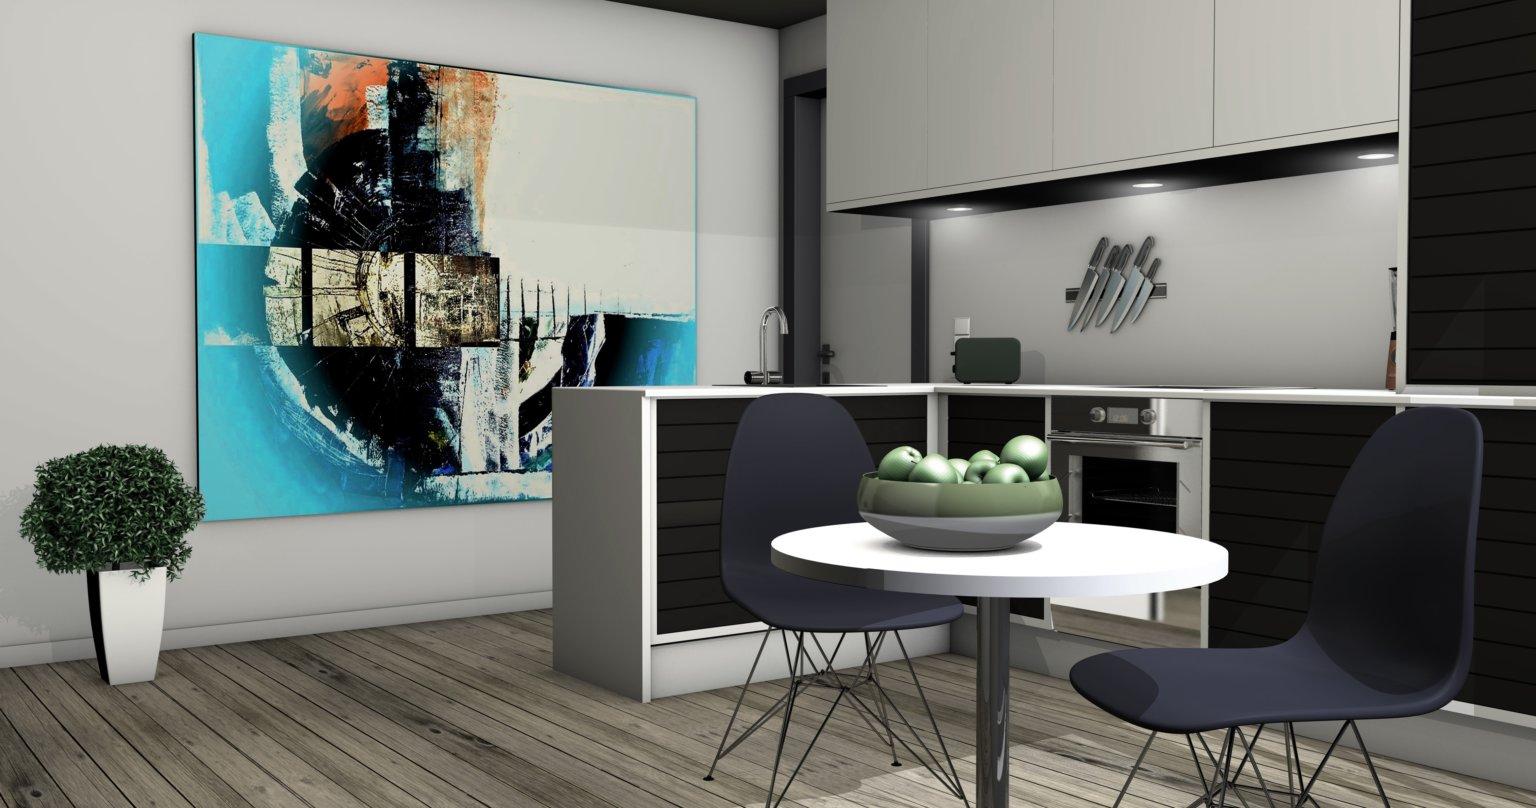 Căn bếp cá tính và cuốn hút nhờ decor tường ấn tượng - Ảnh 10.